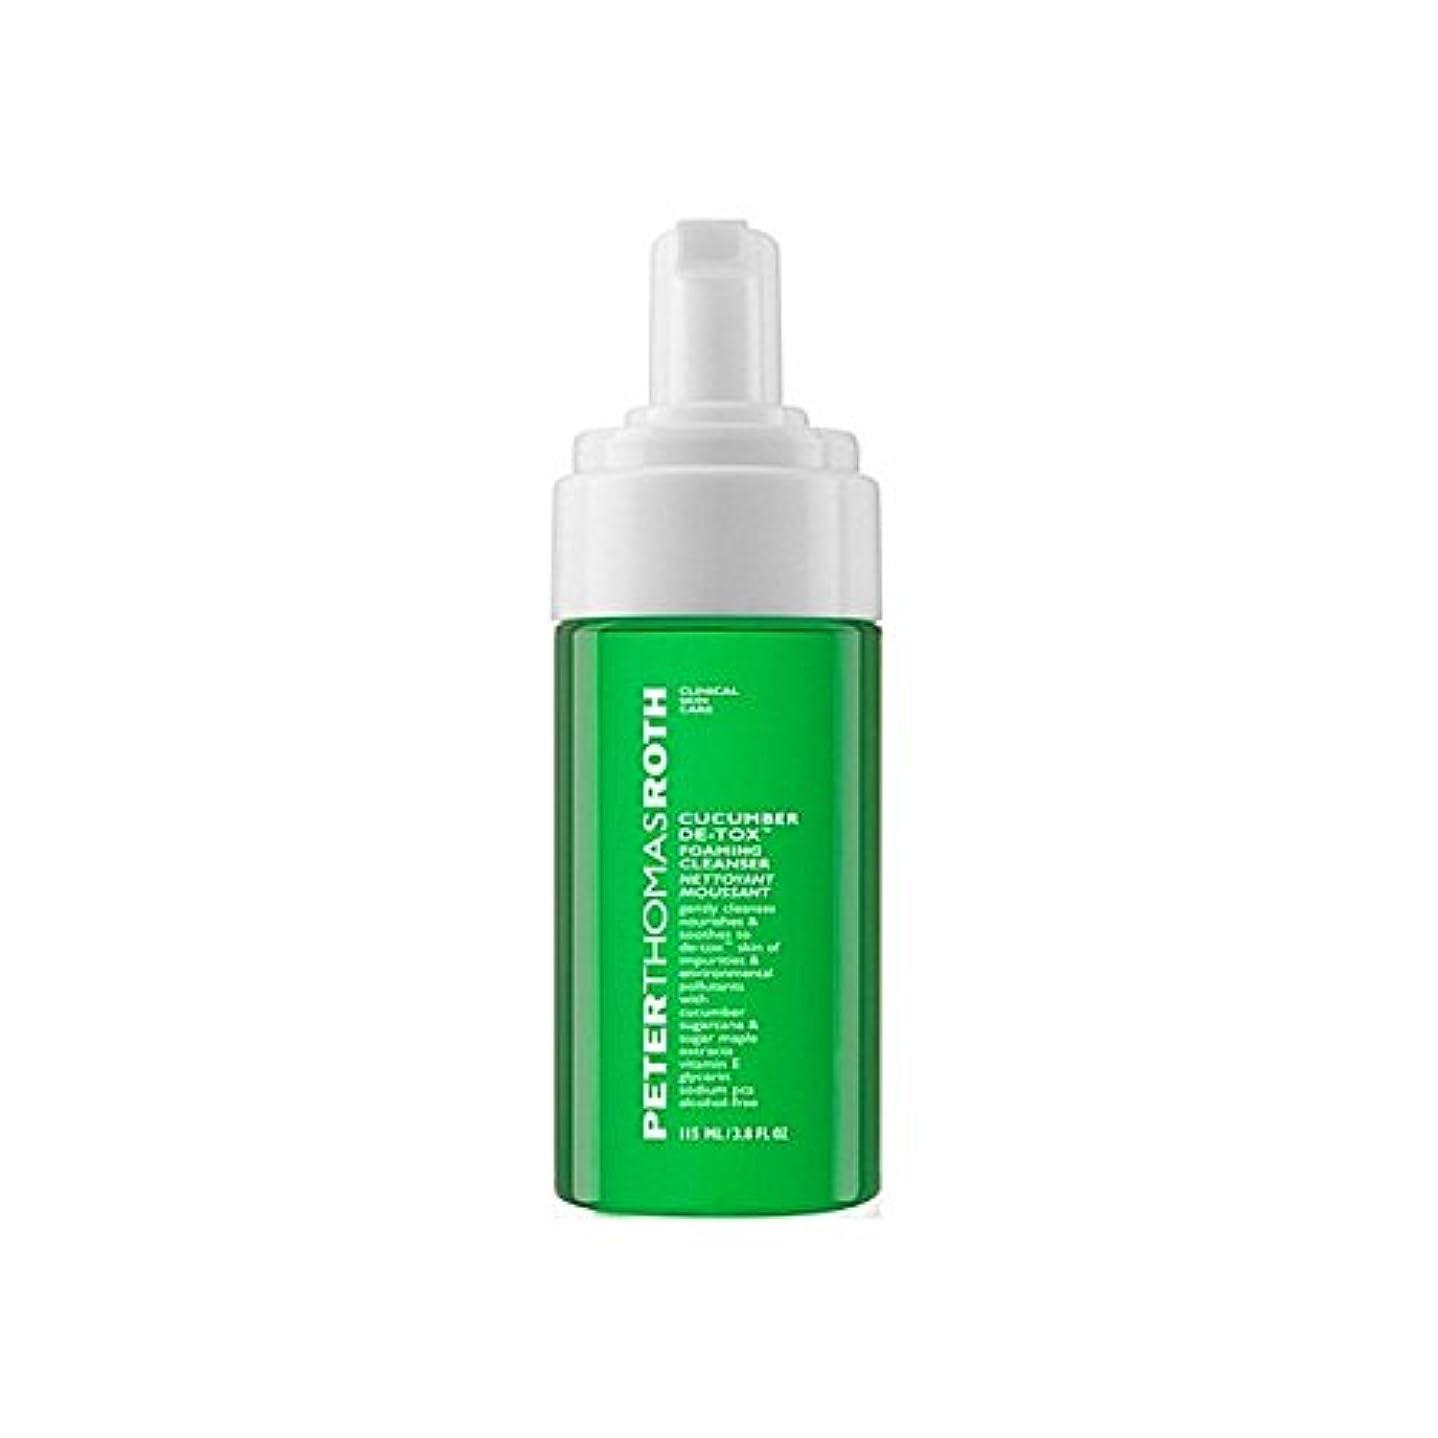 巨人ファランクスカストディアンピータートーマスロスキュウリデ発泡クレンザー x2 - Peter Thomas Roth Cucumber De-Tox Foaming Cleanser (Pack of 2) [並行輸入品]